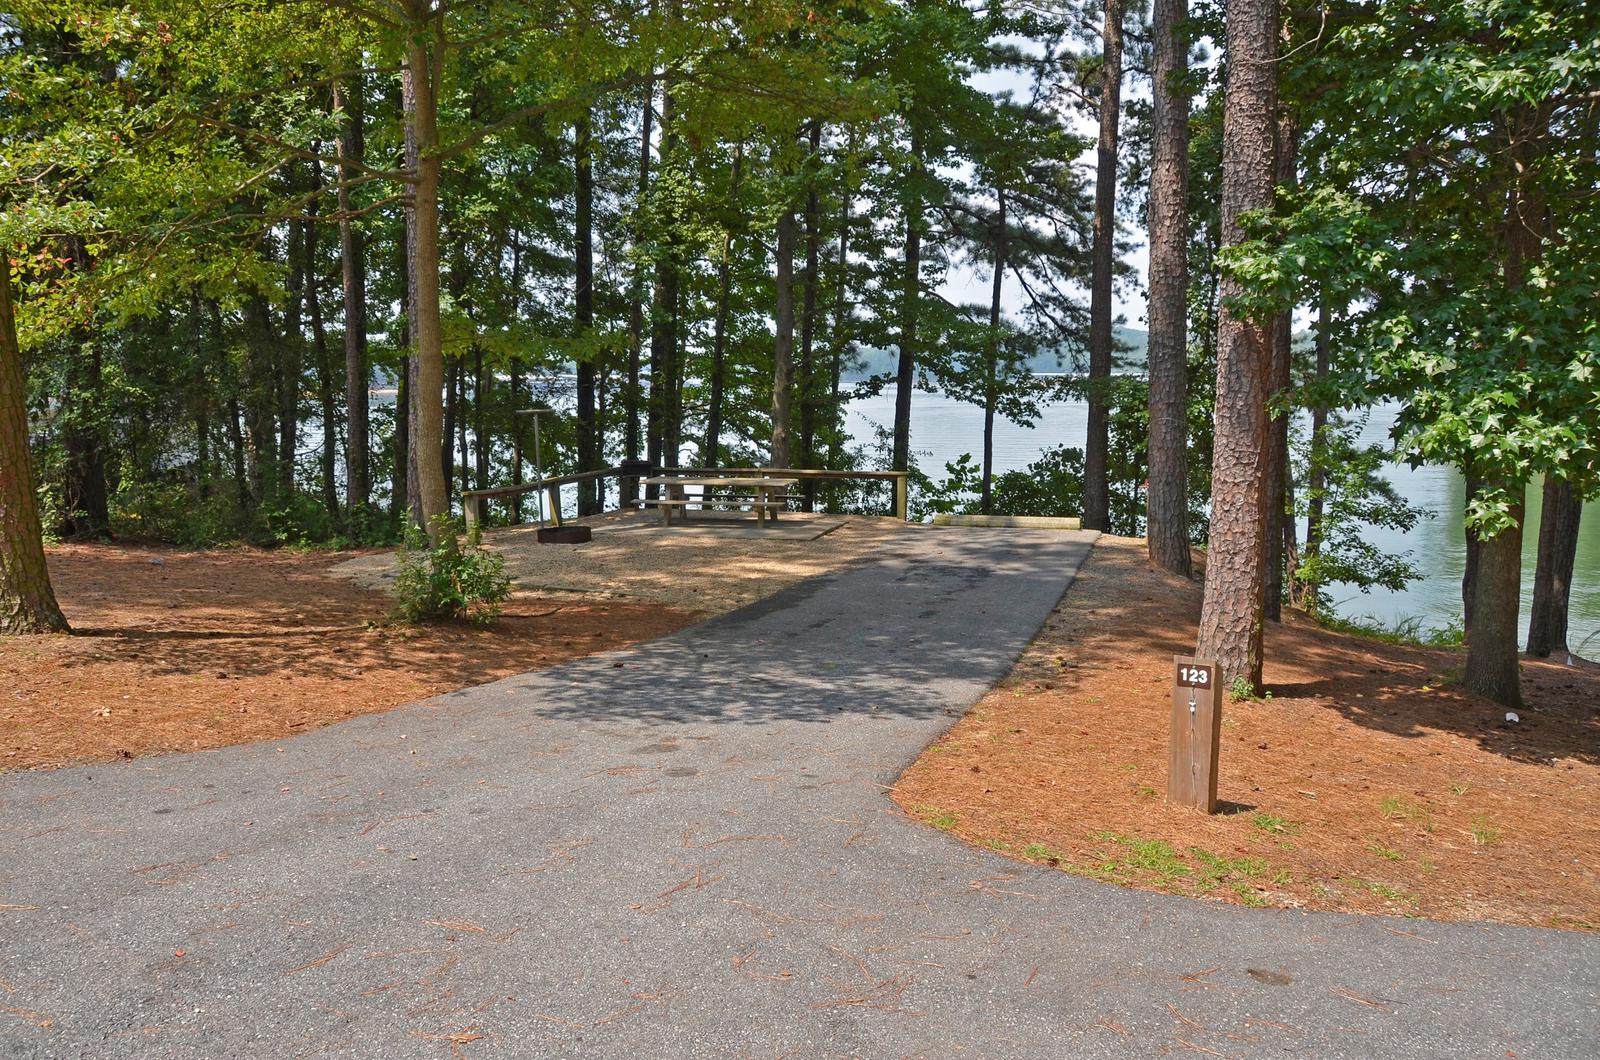 McKinney Campground Site 123